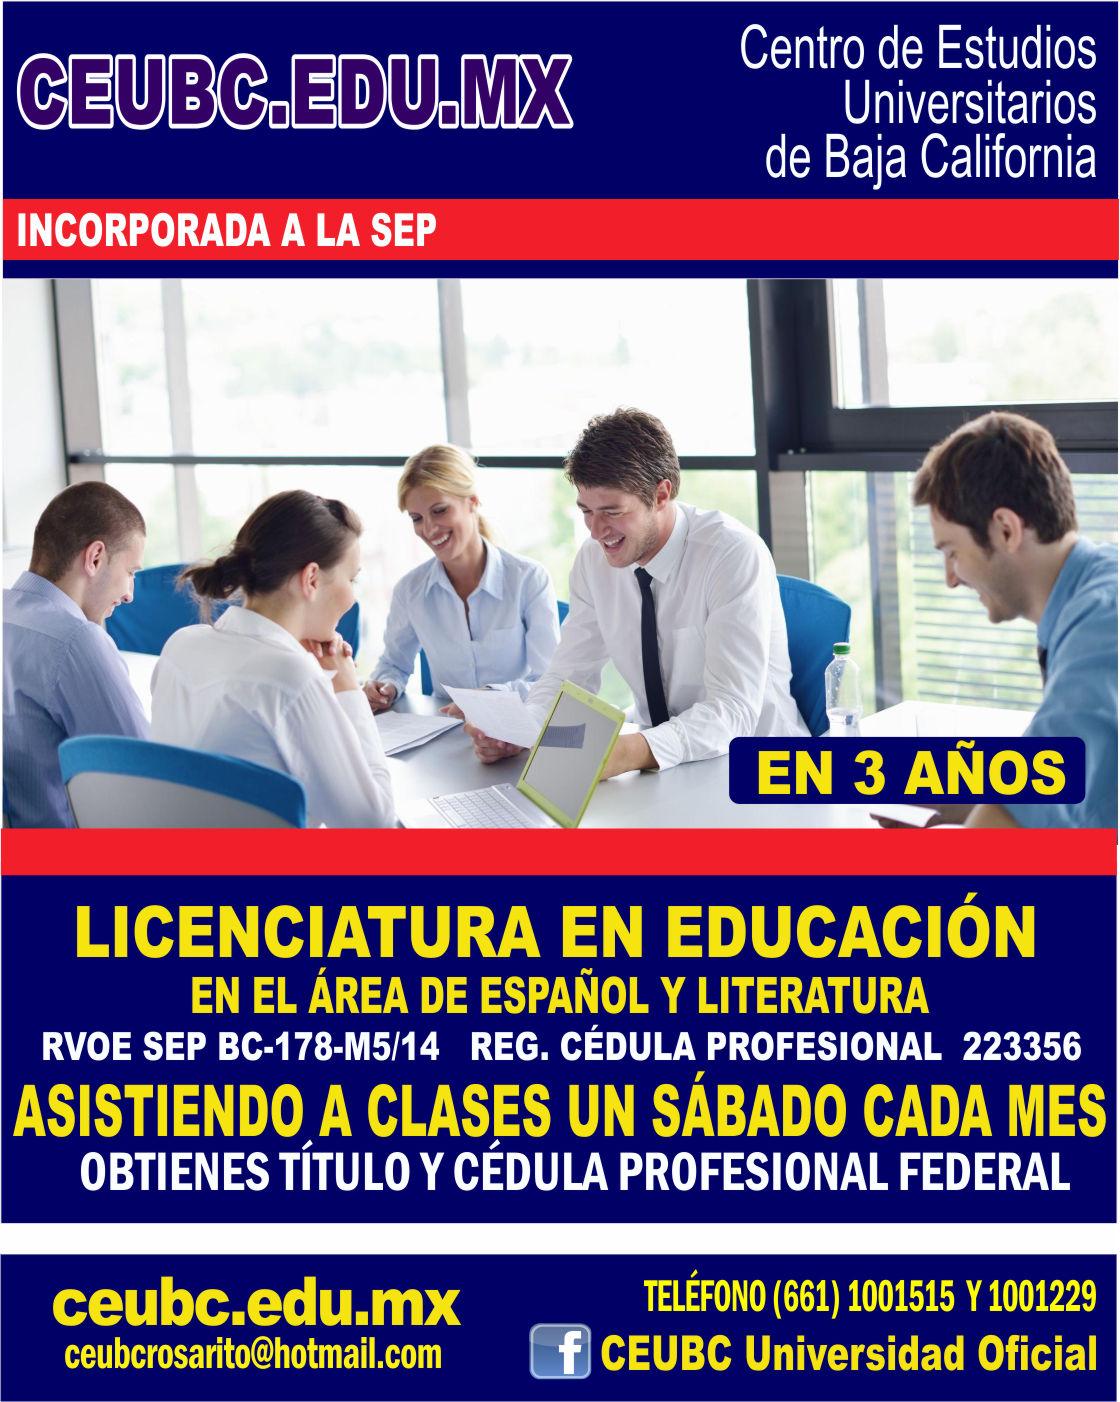 RVOE oficial: Lic. en Educación en el Área de Español y Literatura